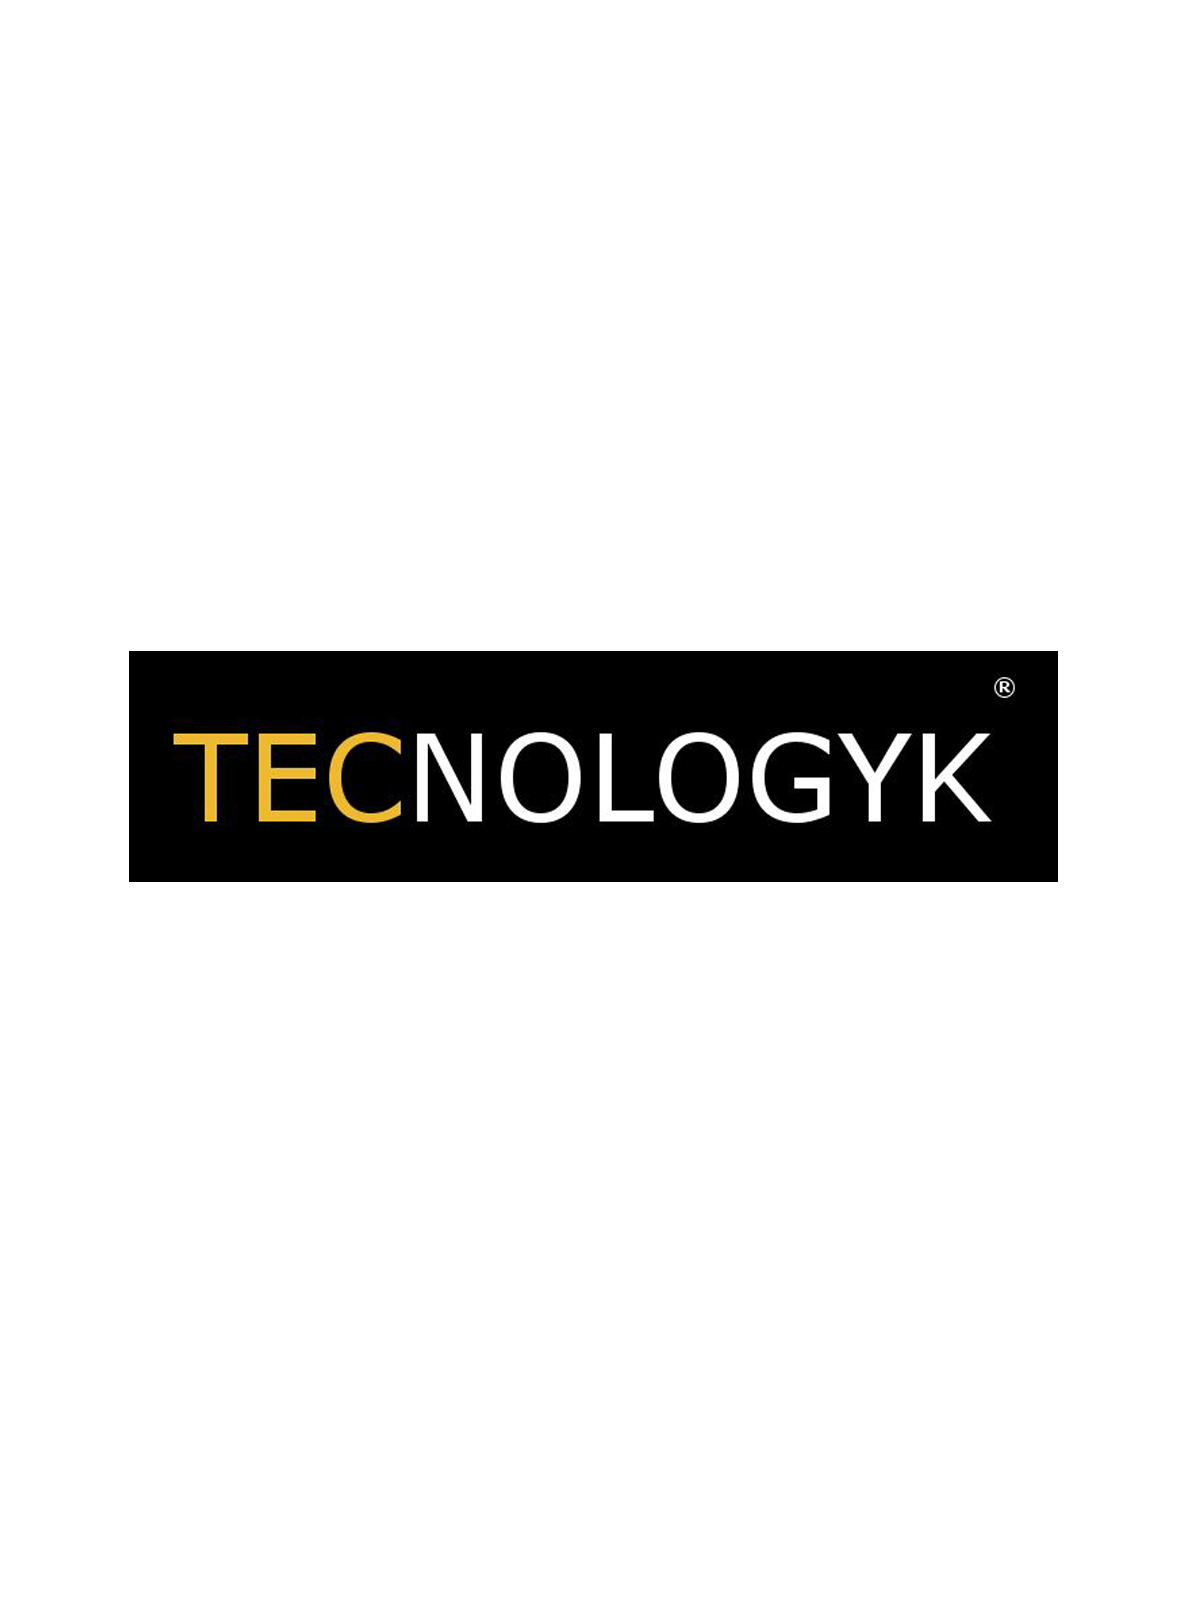 Tecnologyk